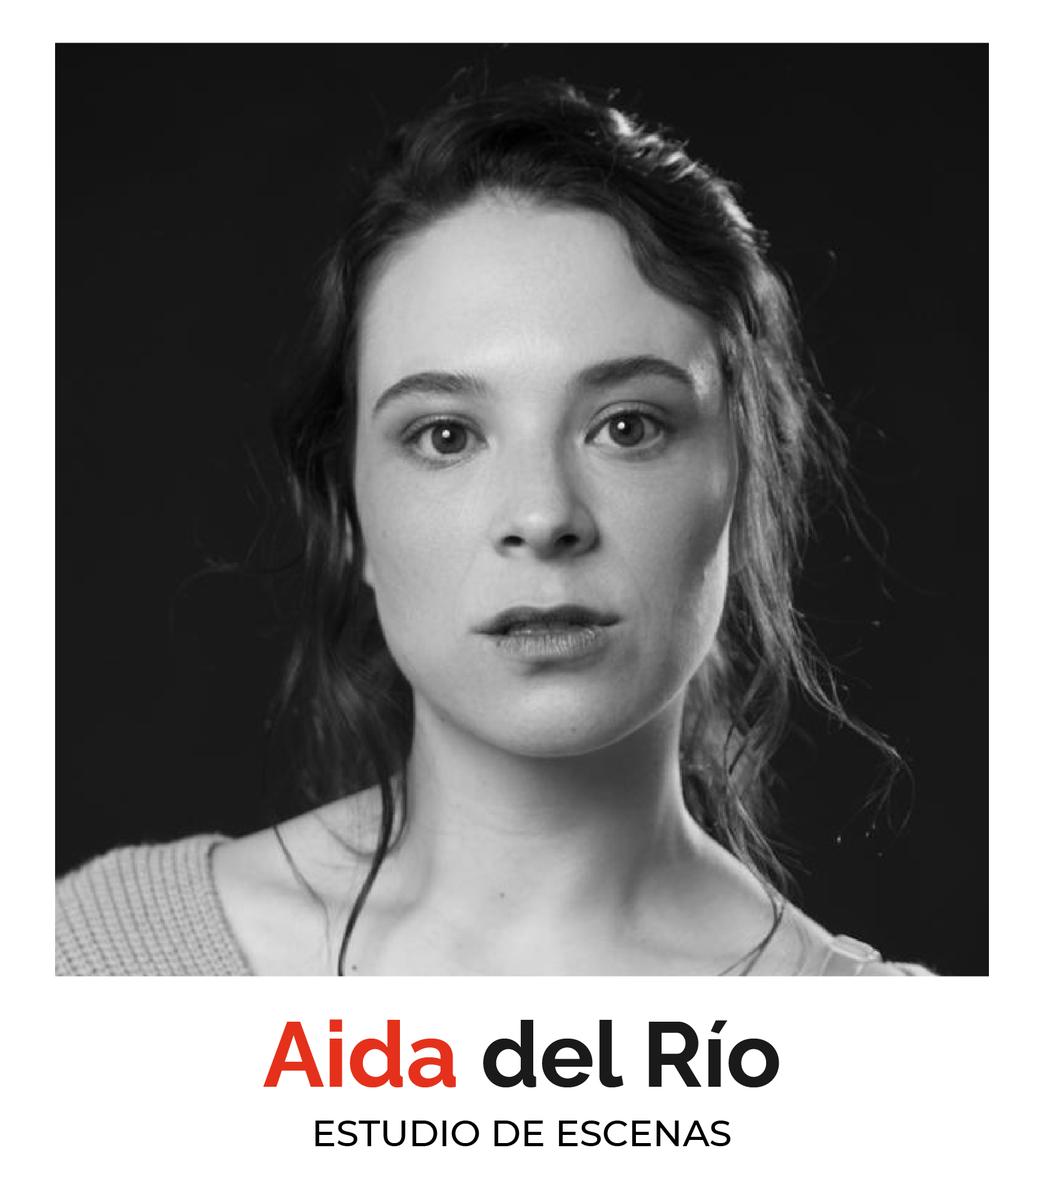 Aida del Río